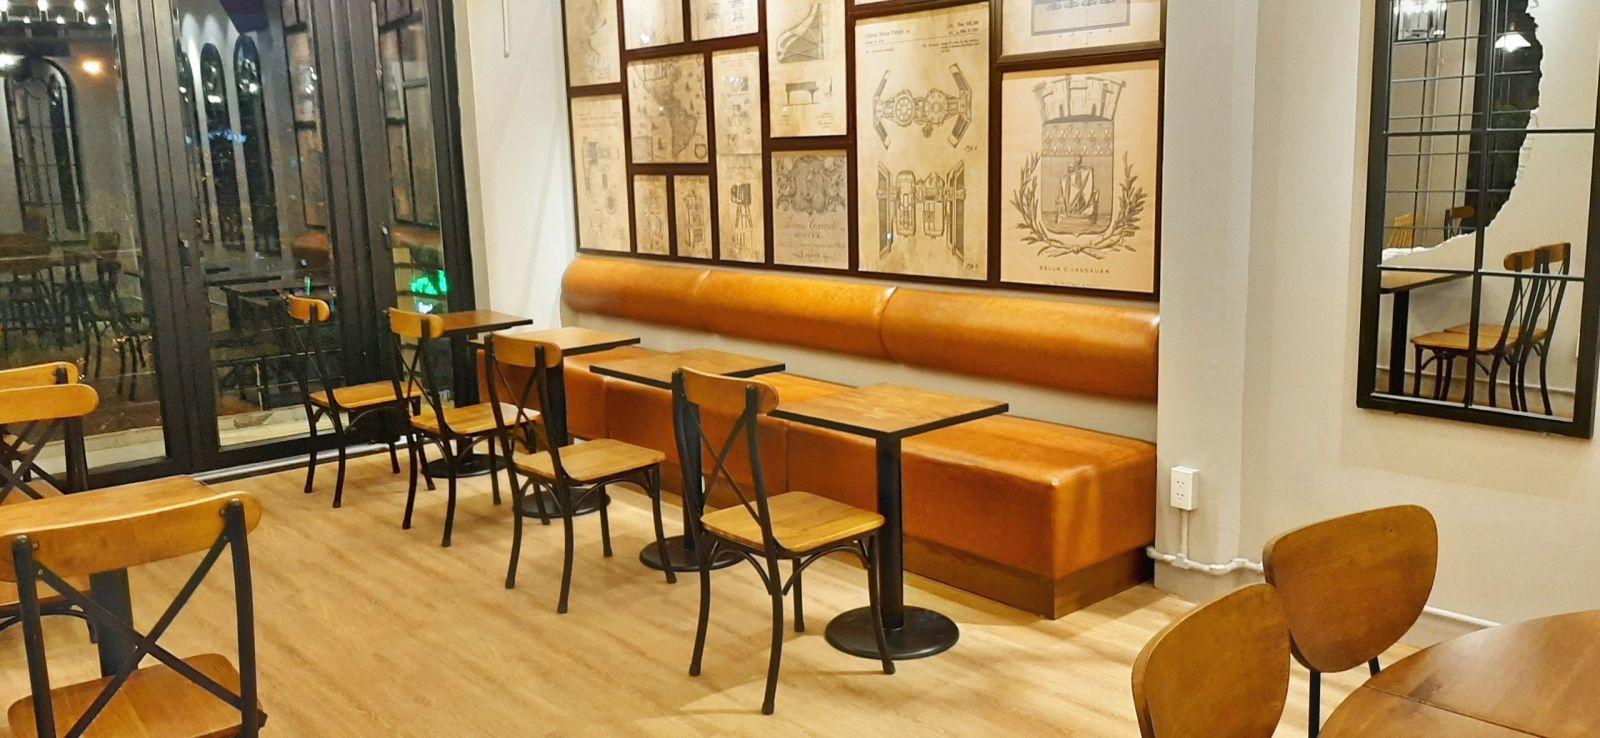 thi-cong-noi-thuc-quan-cafe-thuc-coffee-hoa-phuong-23